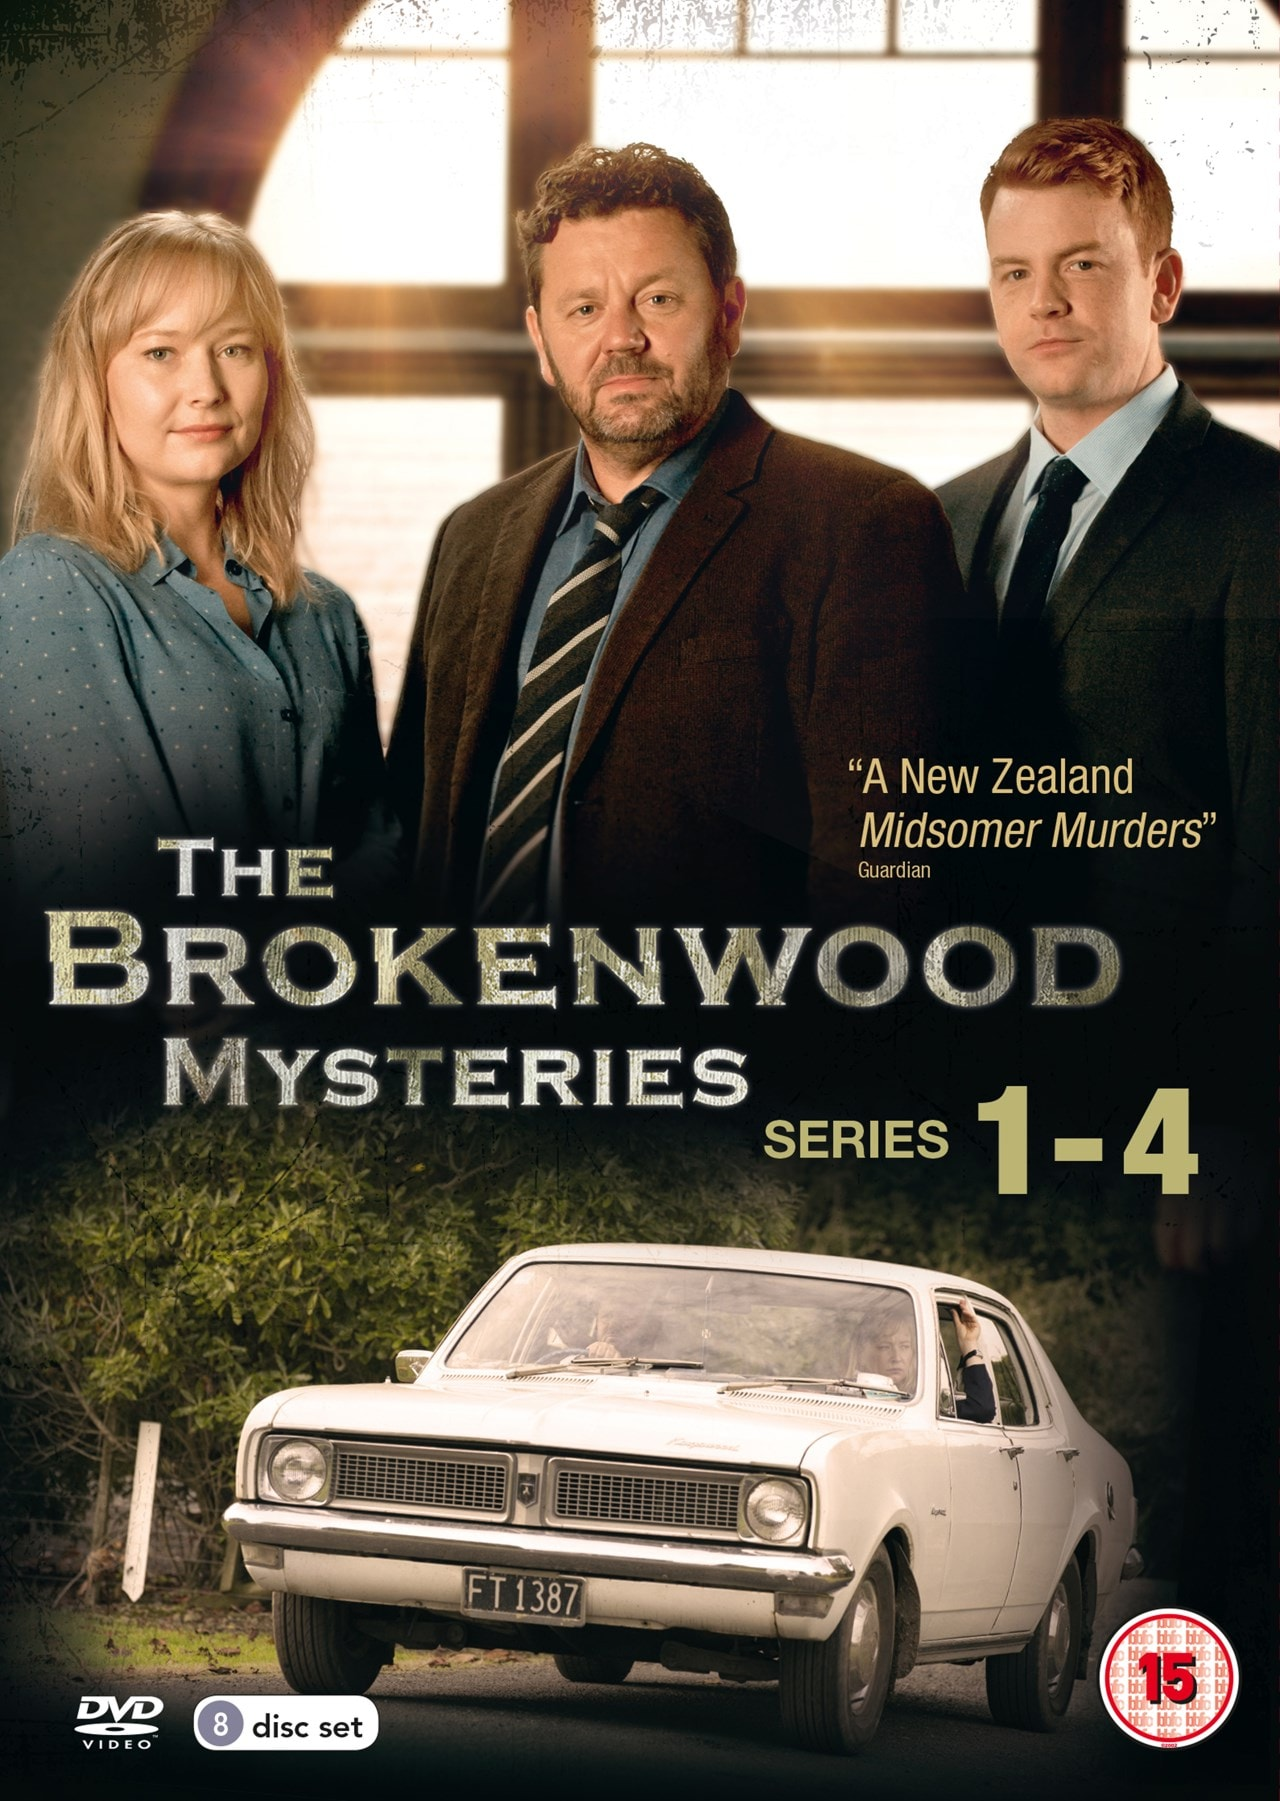 The Brokenwood Mysteries: Series 1-4 - 1